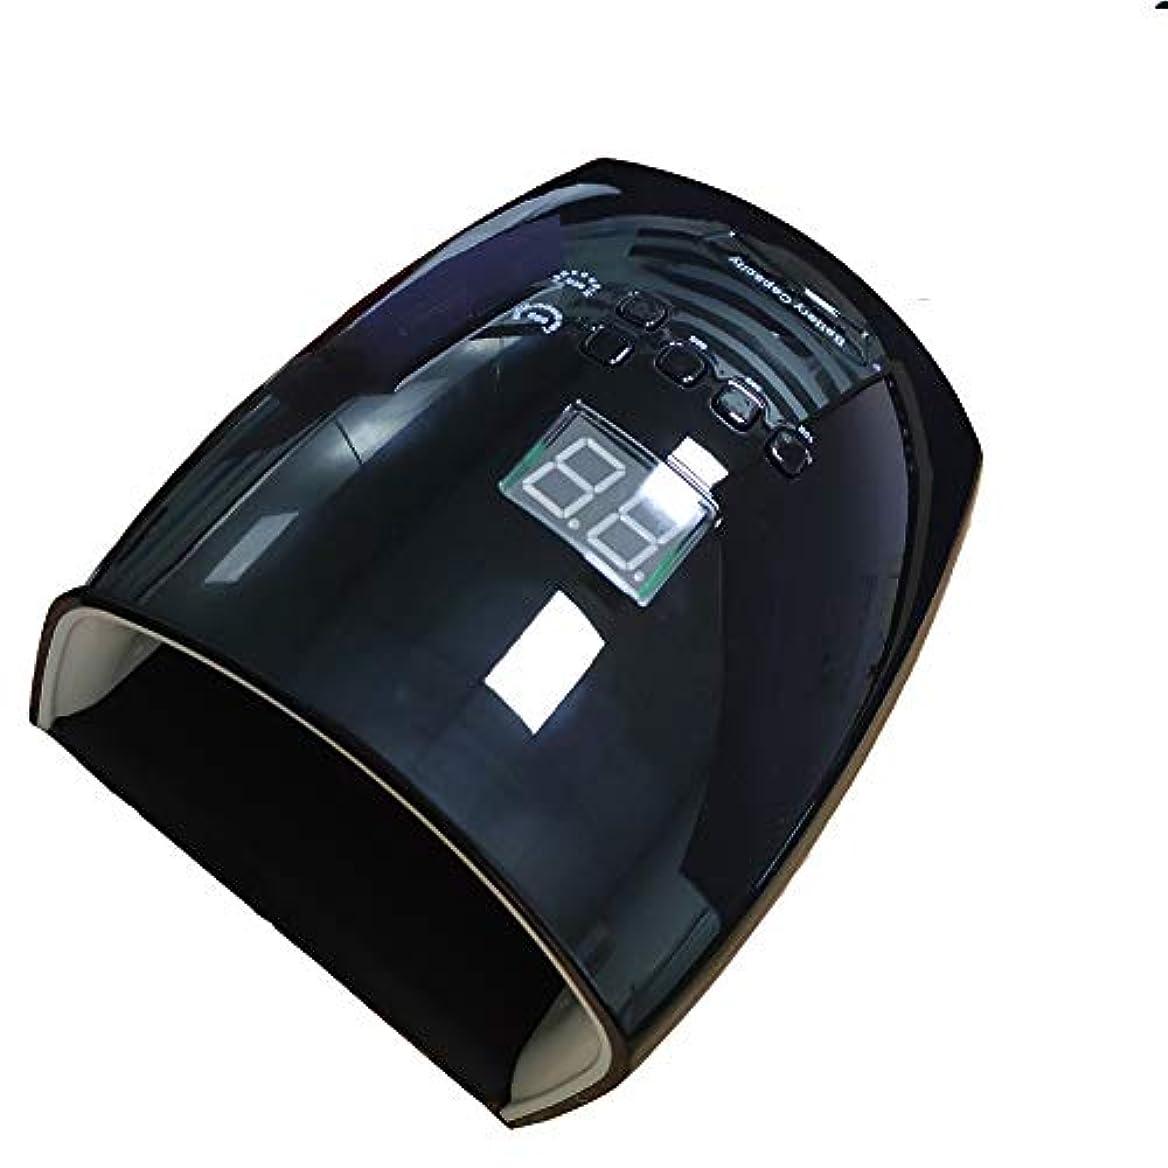 徒歩で抹消残忍なLEDネイルマシン、インテリジェント赤外線センサー多機能ネイル硬化機プロの美容ネイルポリッシャー、取り外し可能な高速乾燥ジェルマシン